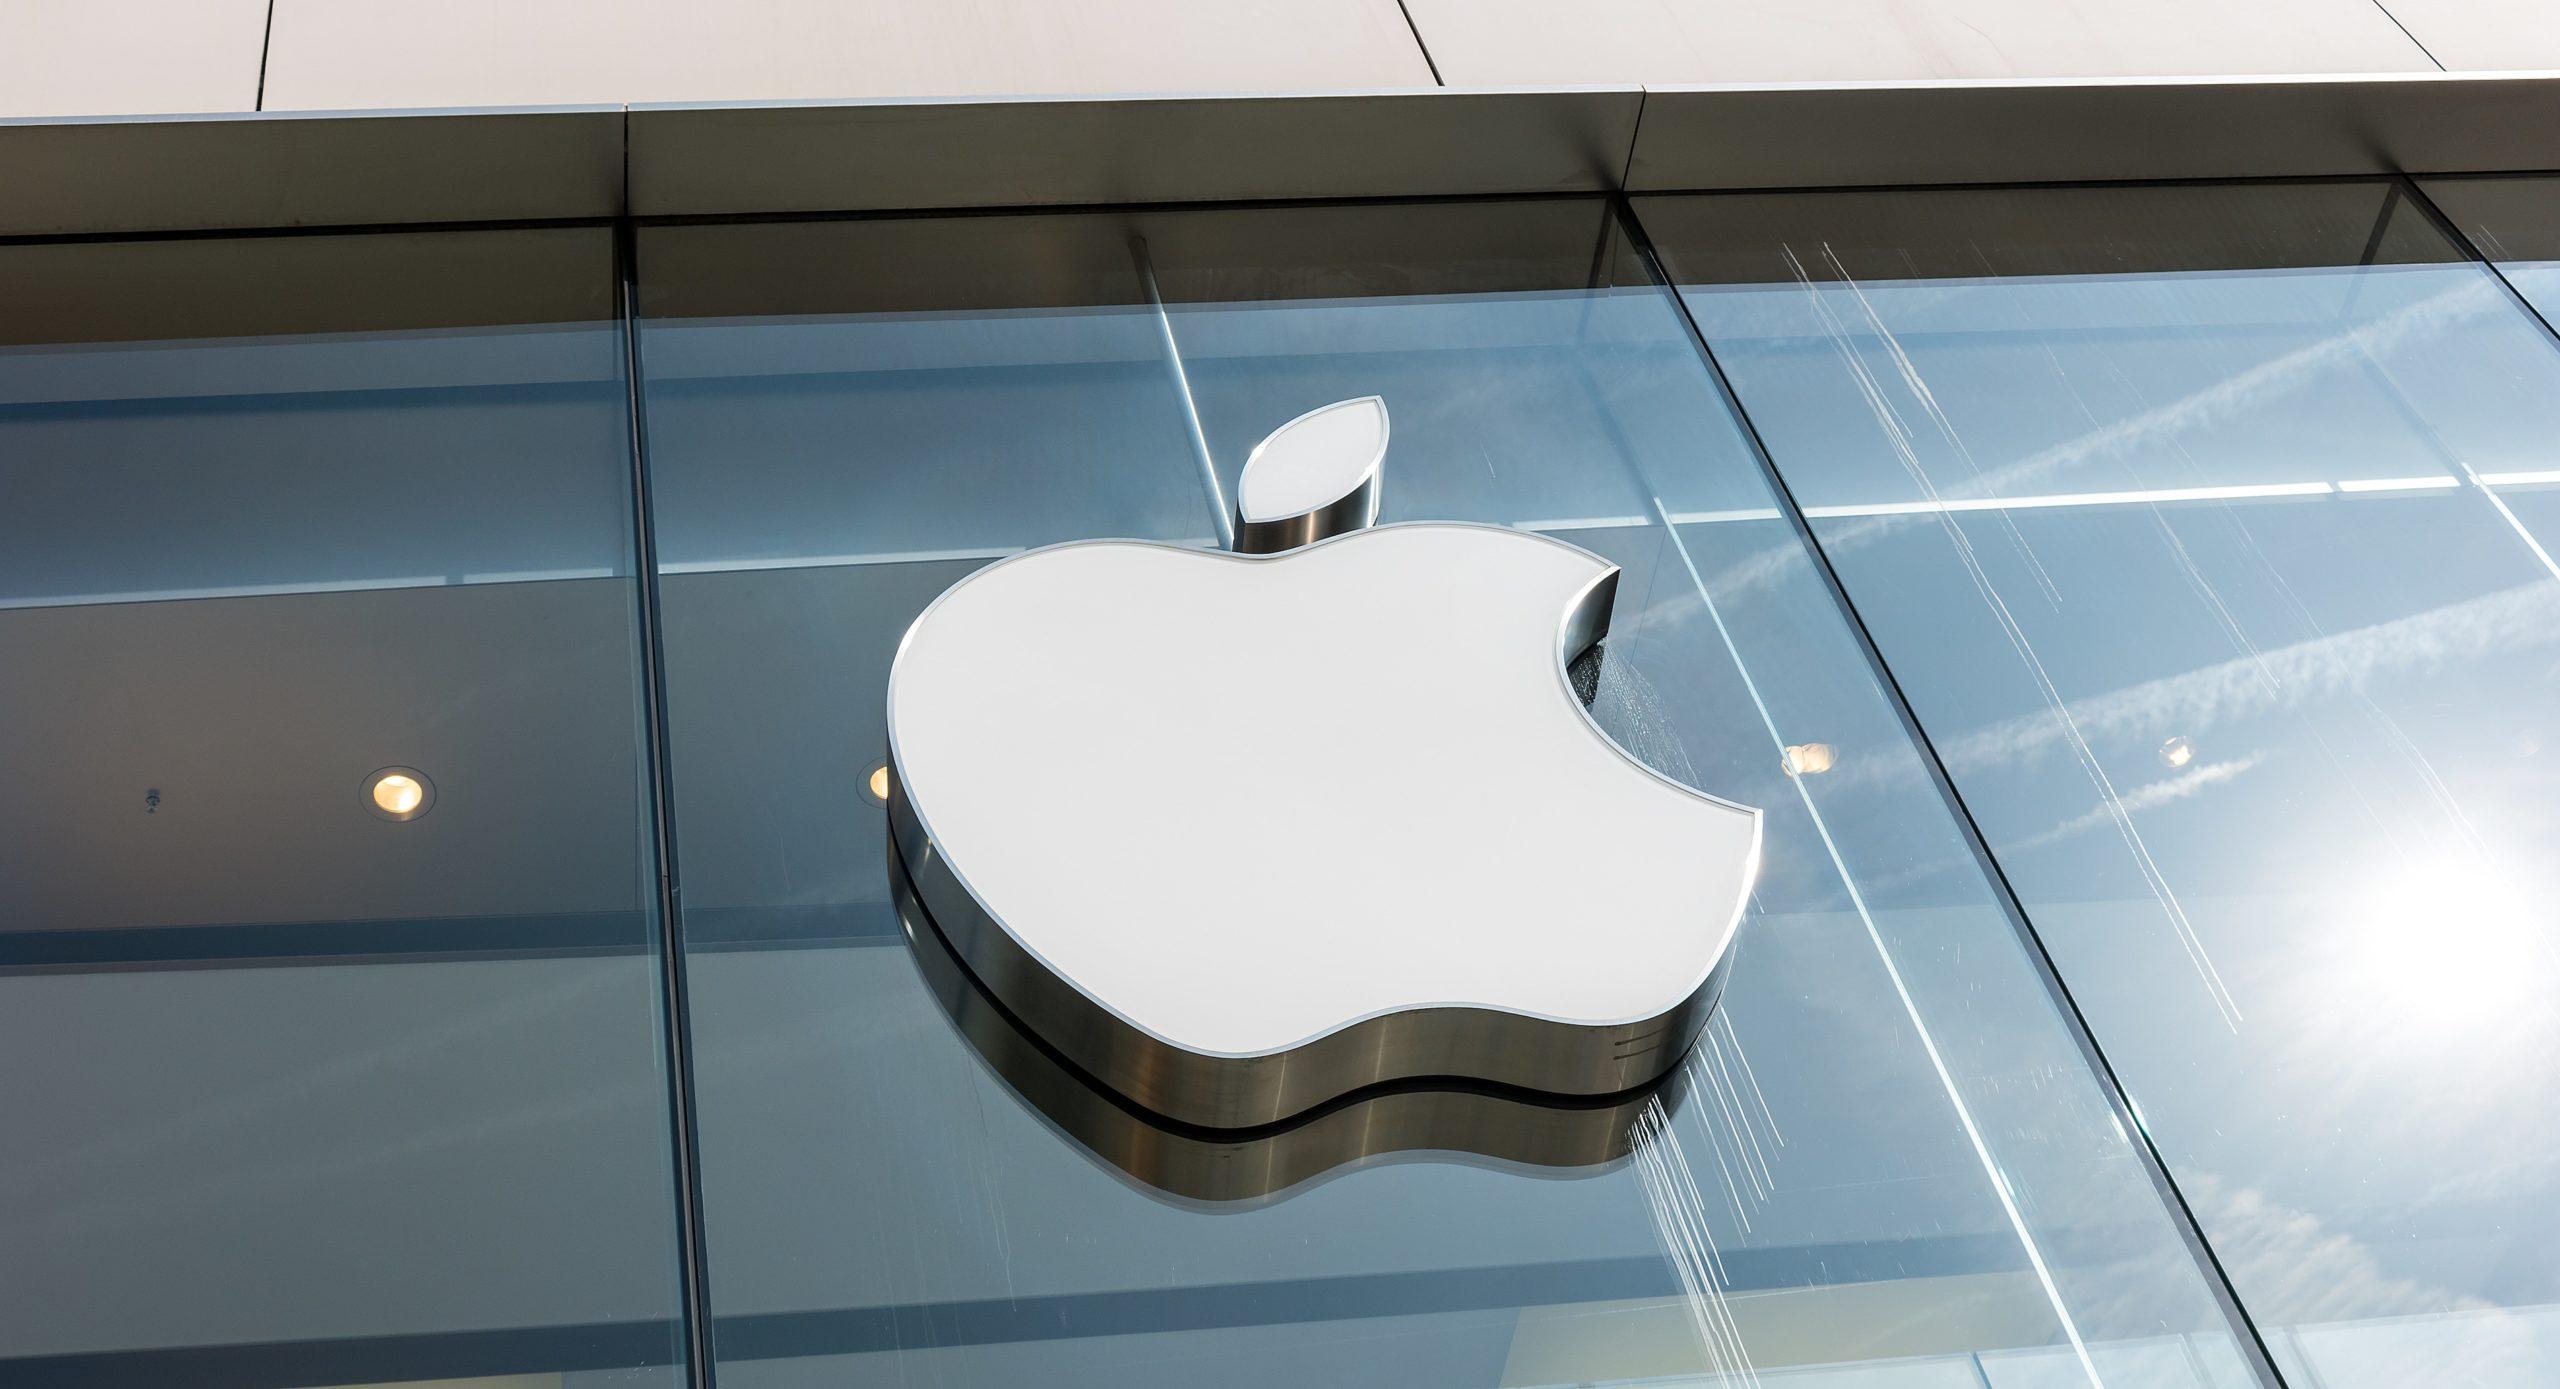 Logo da Apple em loja com reflexo do sol